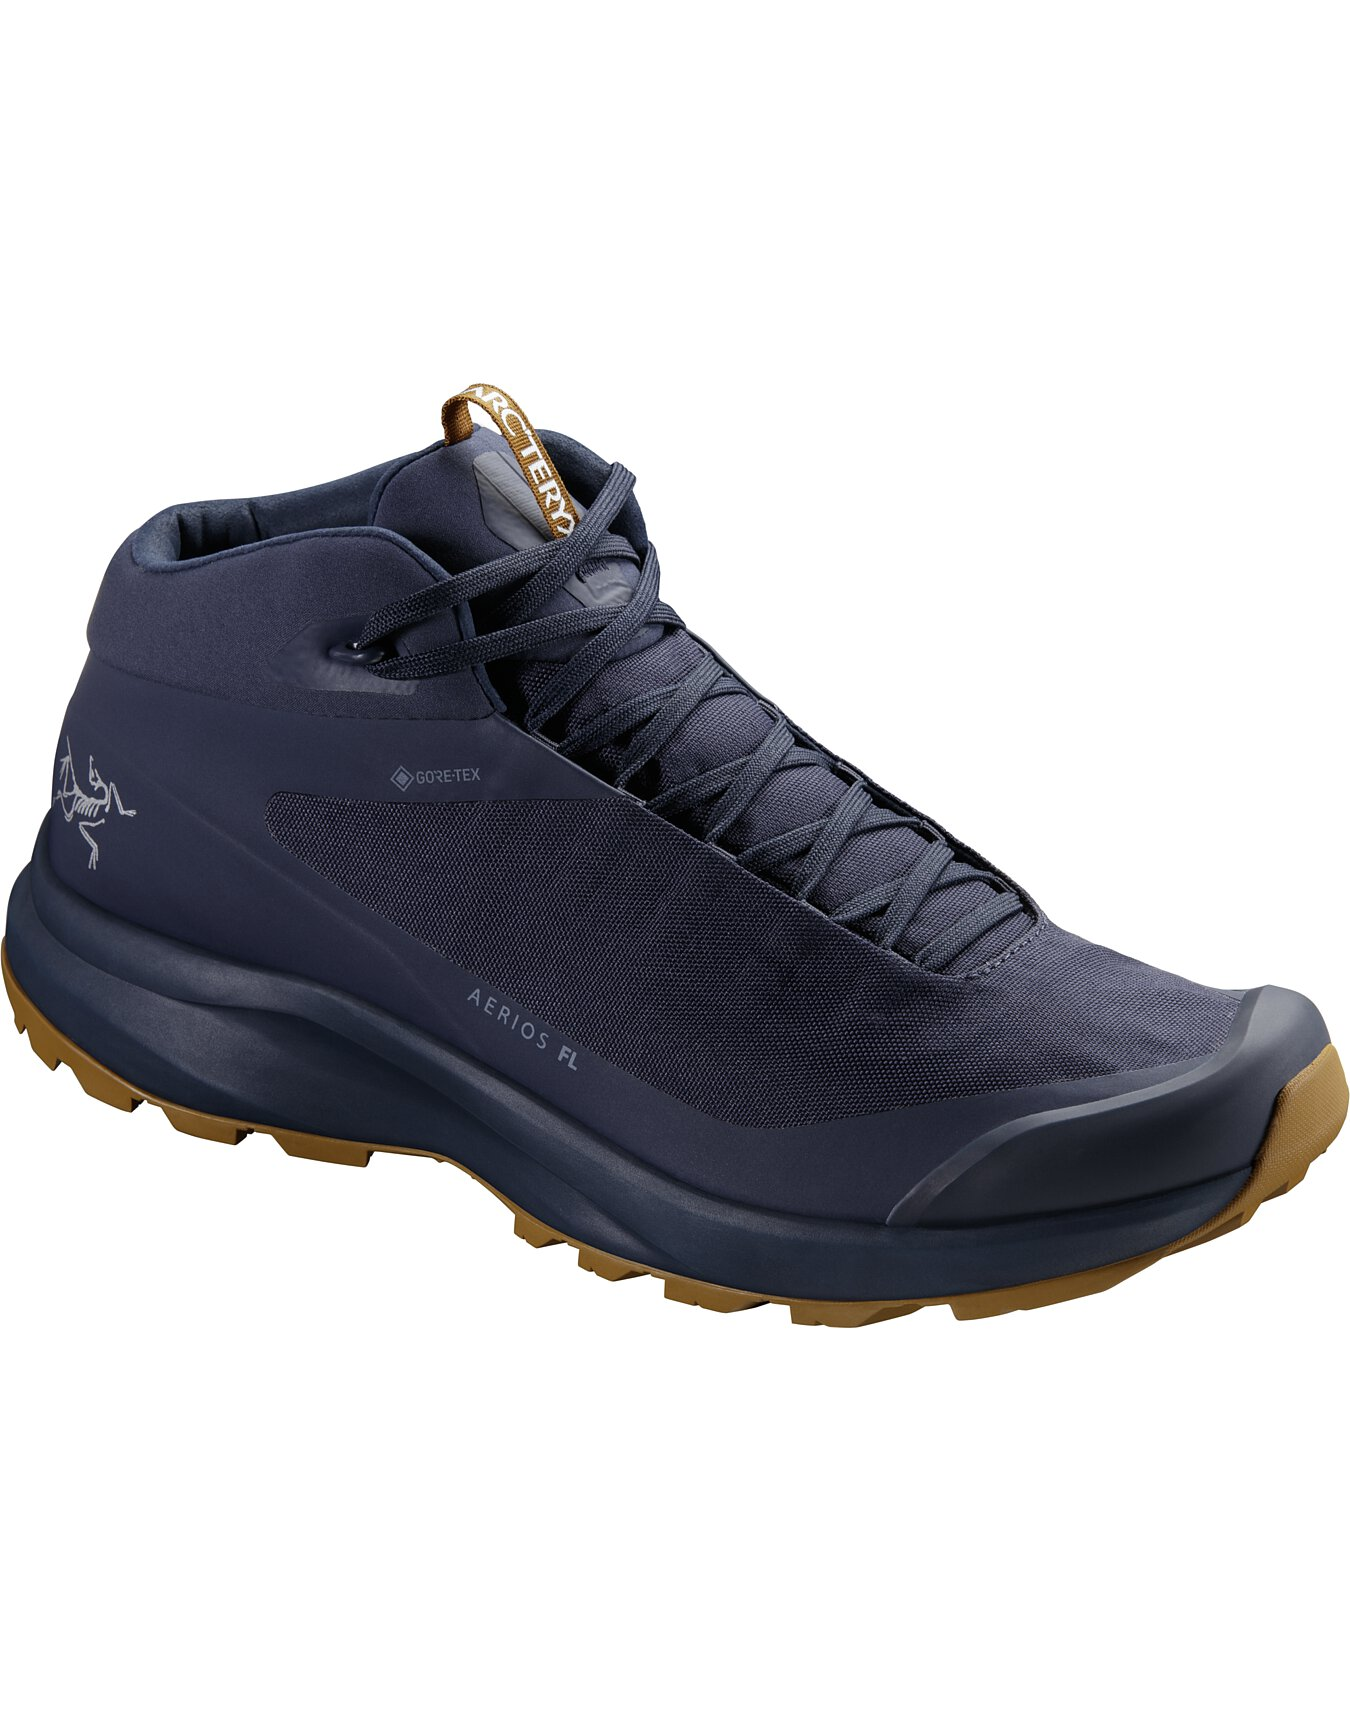 Aerios FL Mid GTX Shoe Men's